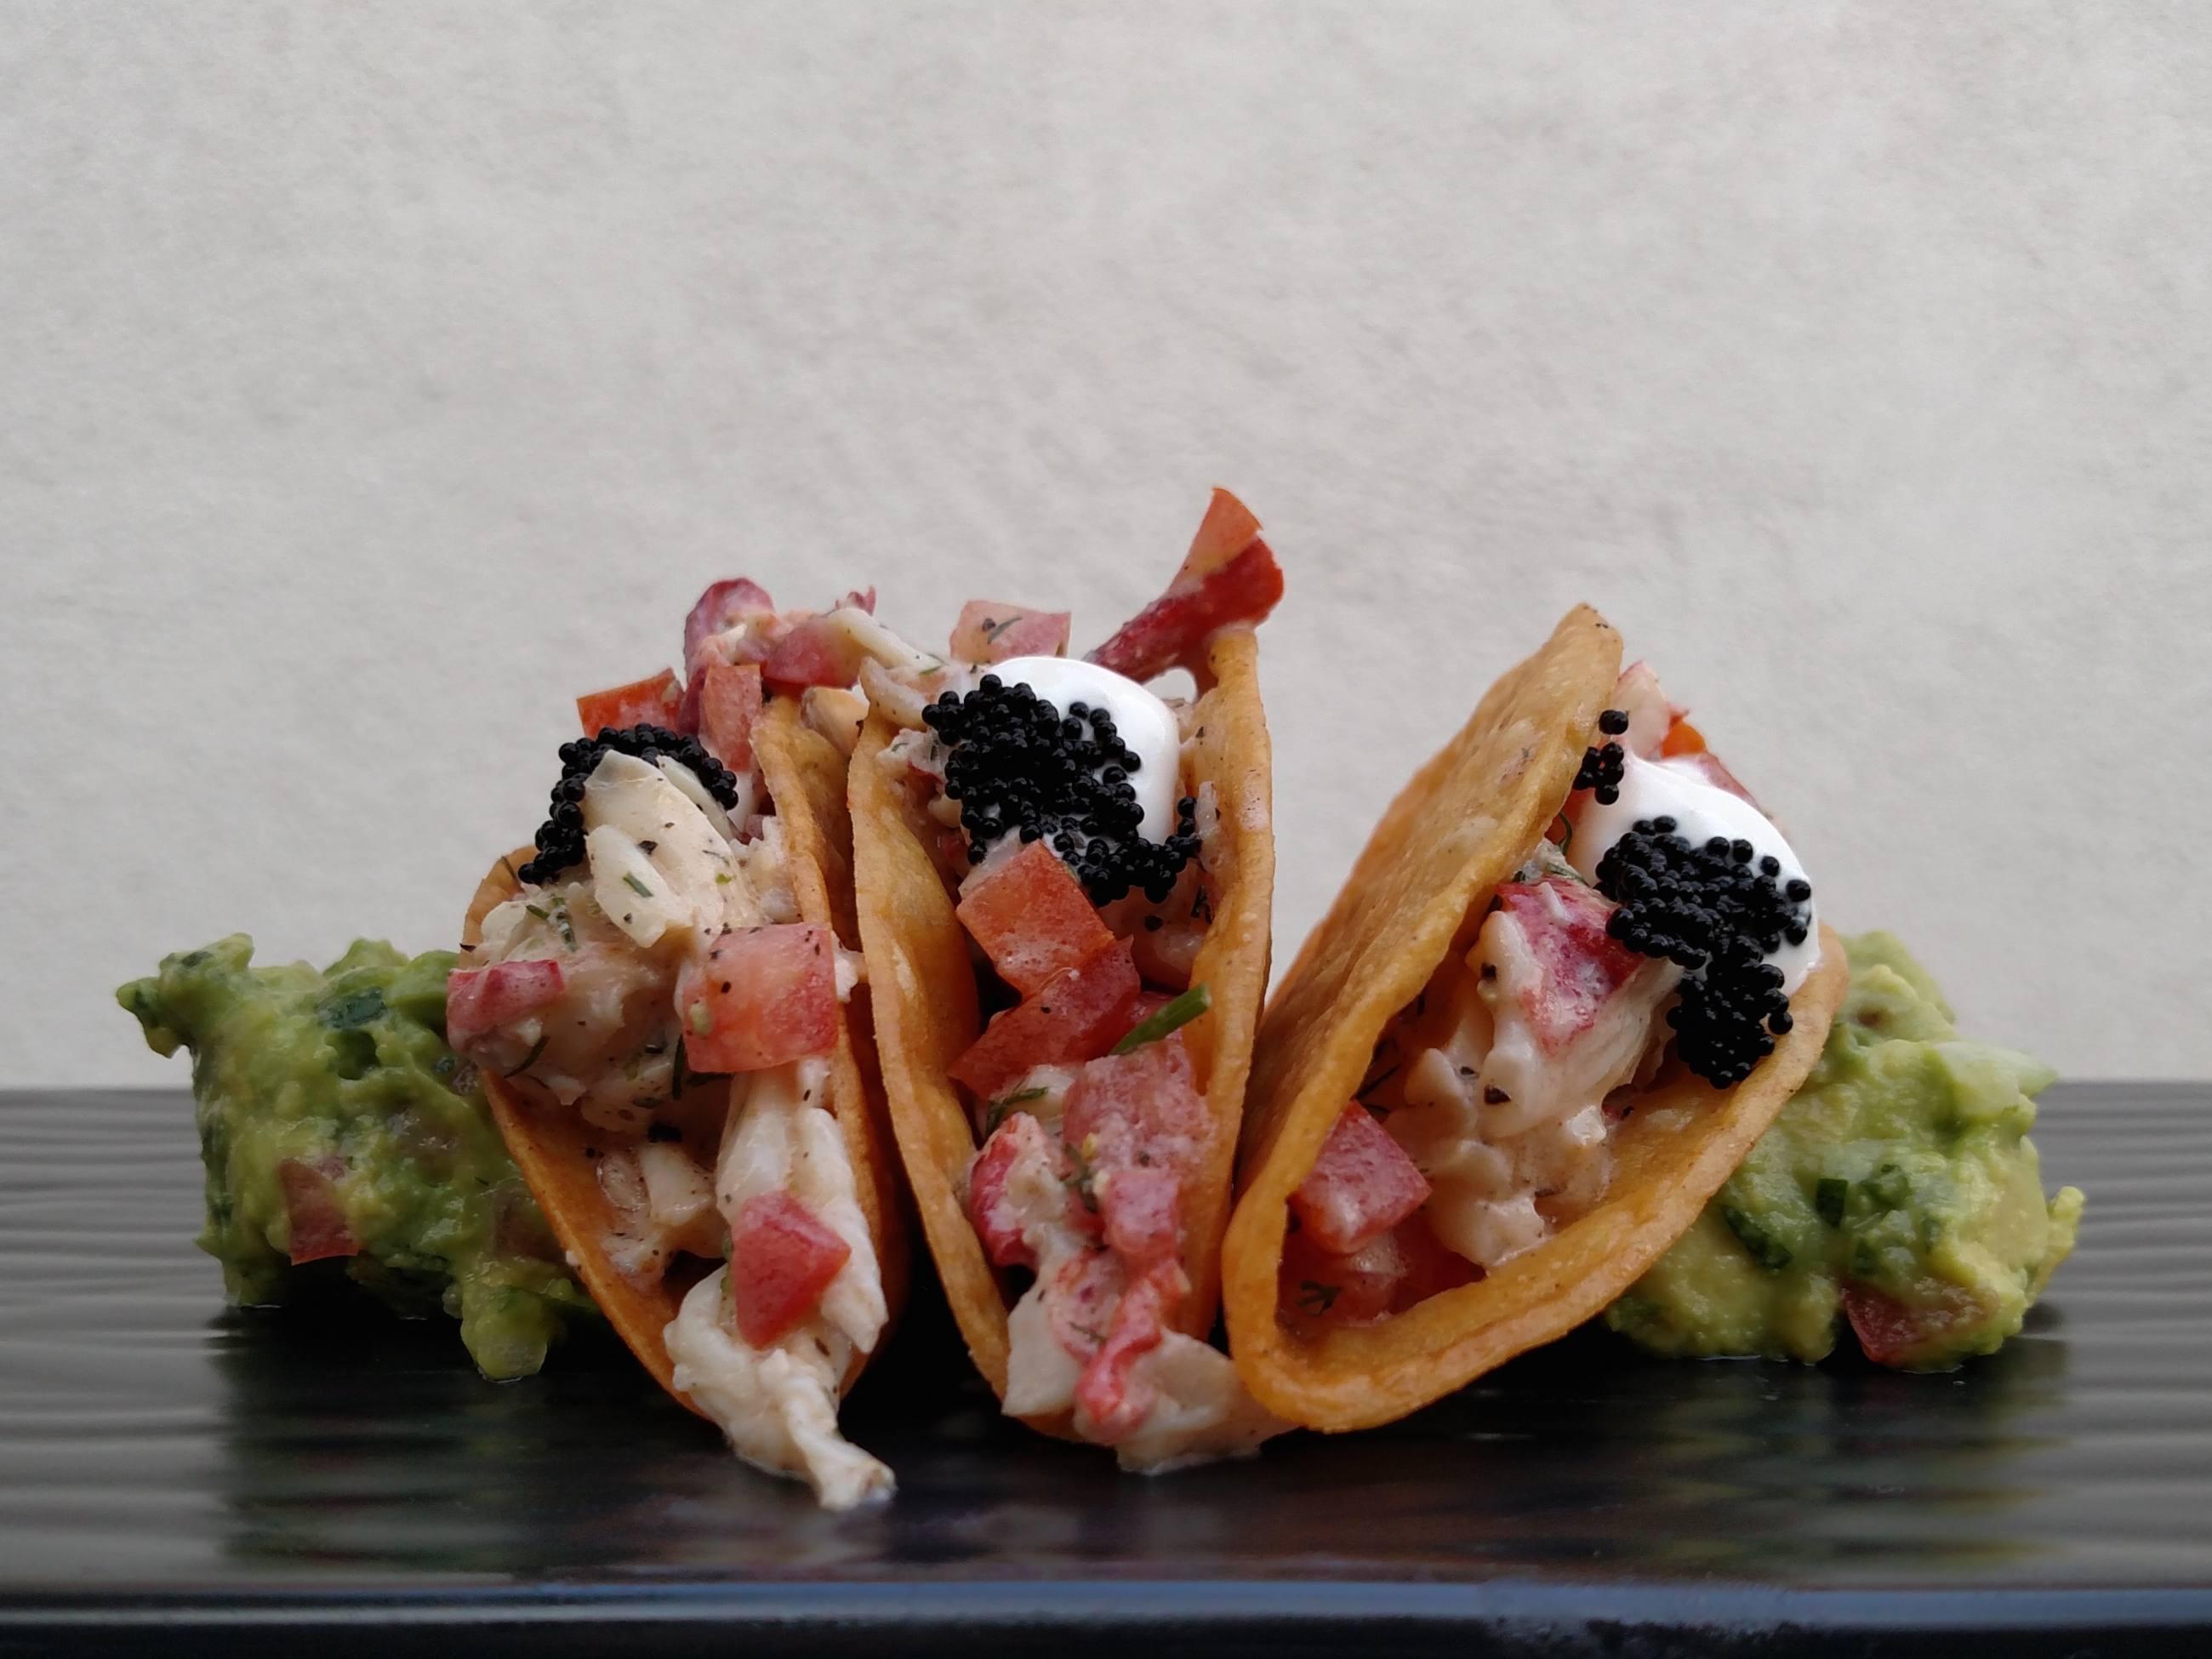 Lobster tacos at Cascabel